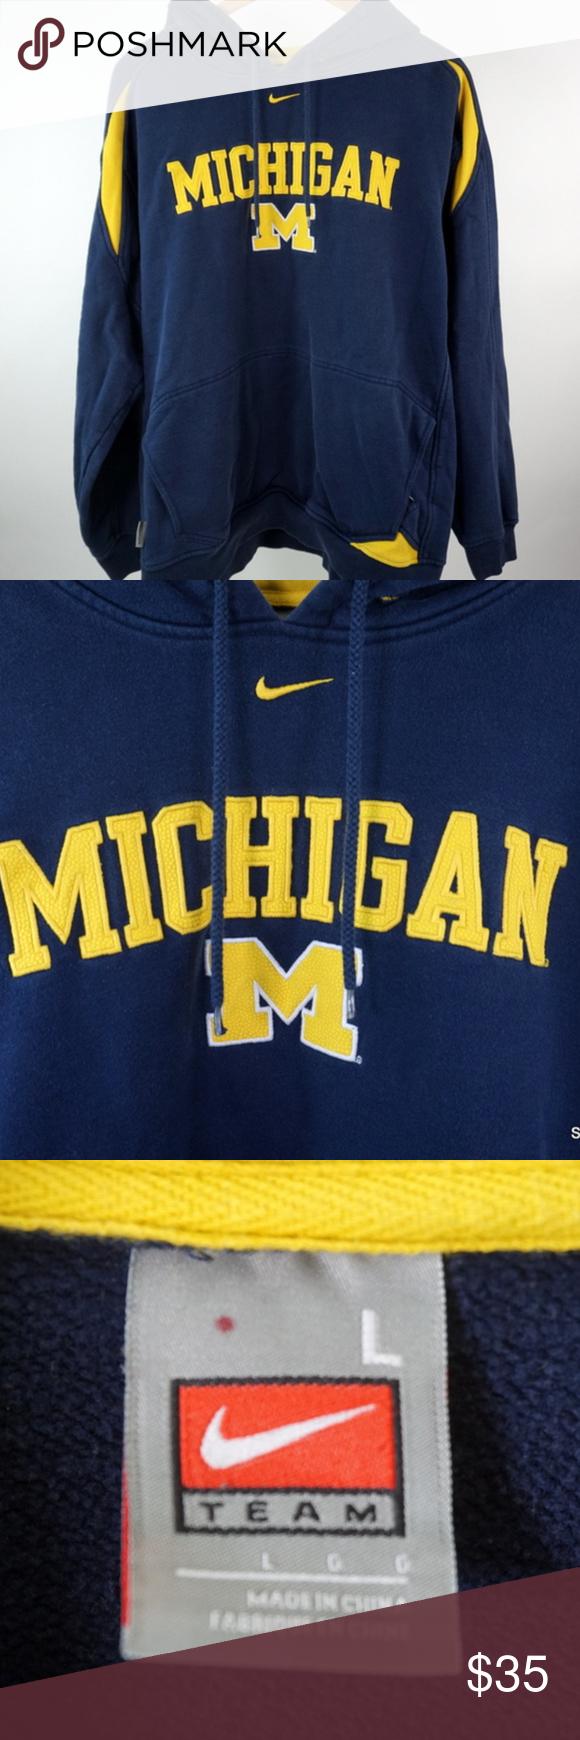 Team Nike Michigan Wolverines Hooded Sweatshirt Lg Sweatshirts Hooded Sweatshirts Michigan Wolverines [ 1740 x 580 Pixel ]